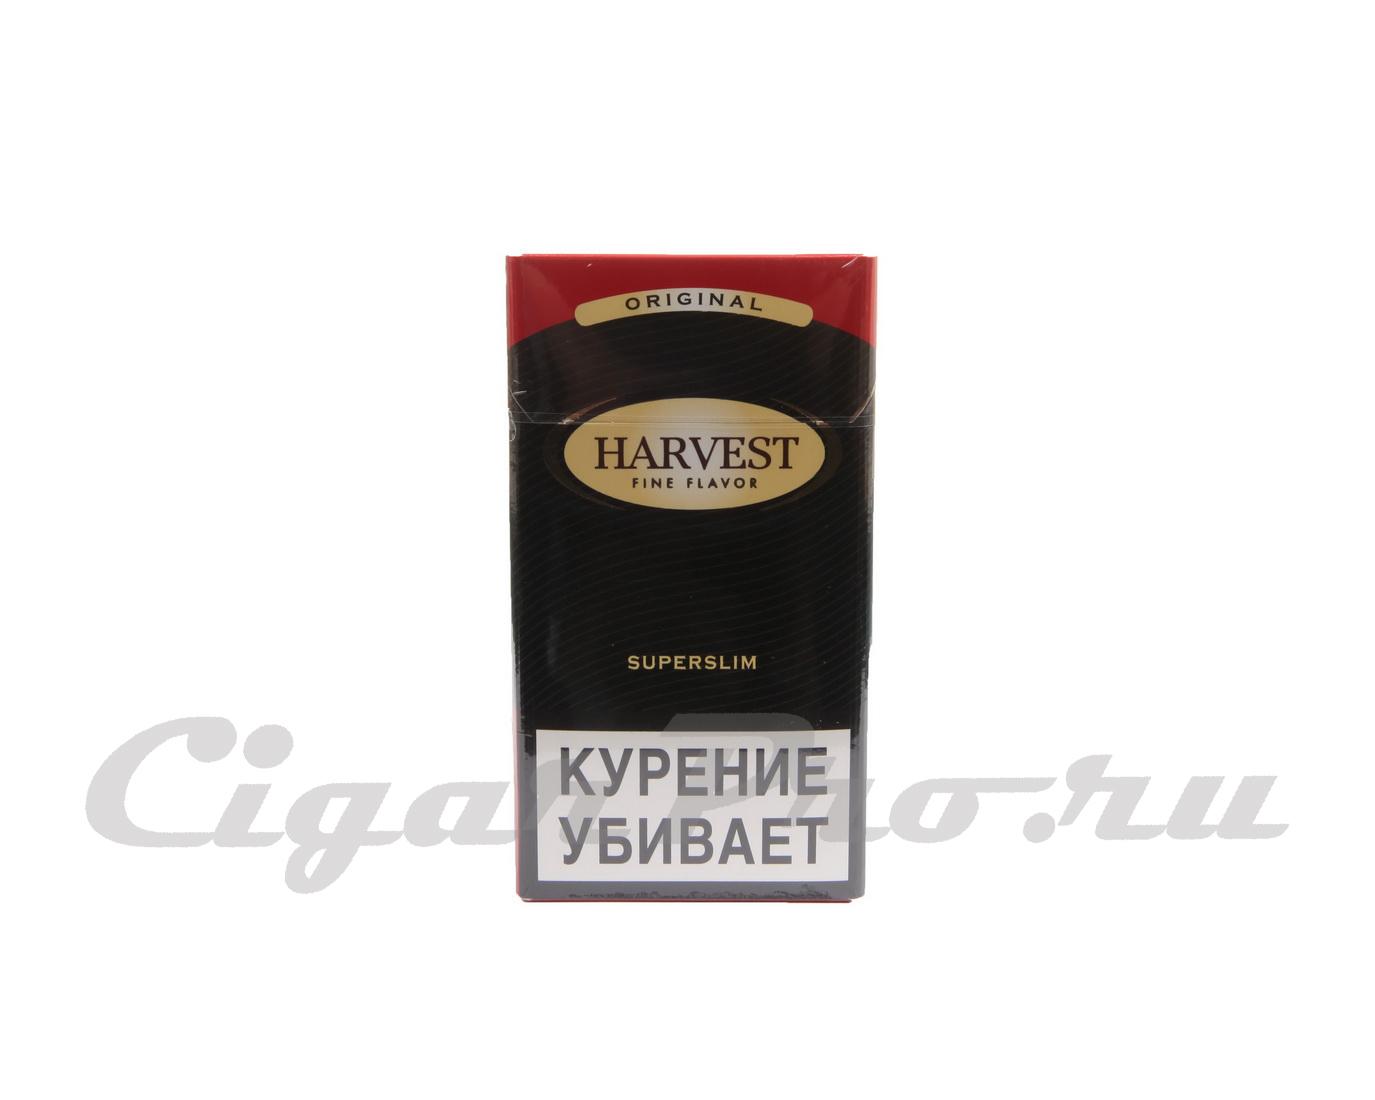 Купить harvest сигареты в москве сигареты оптом цены мальборо